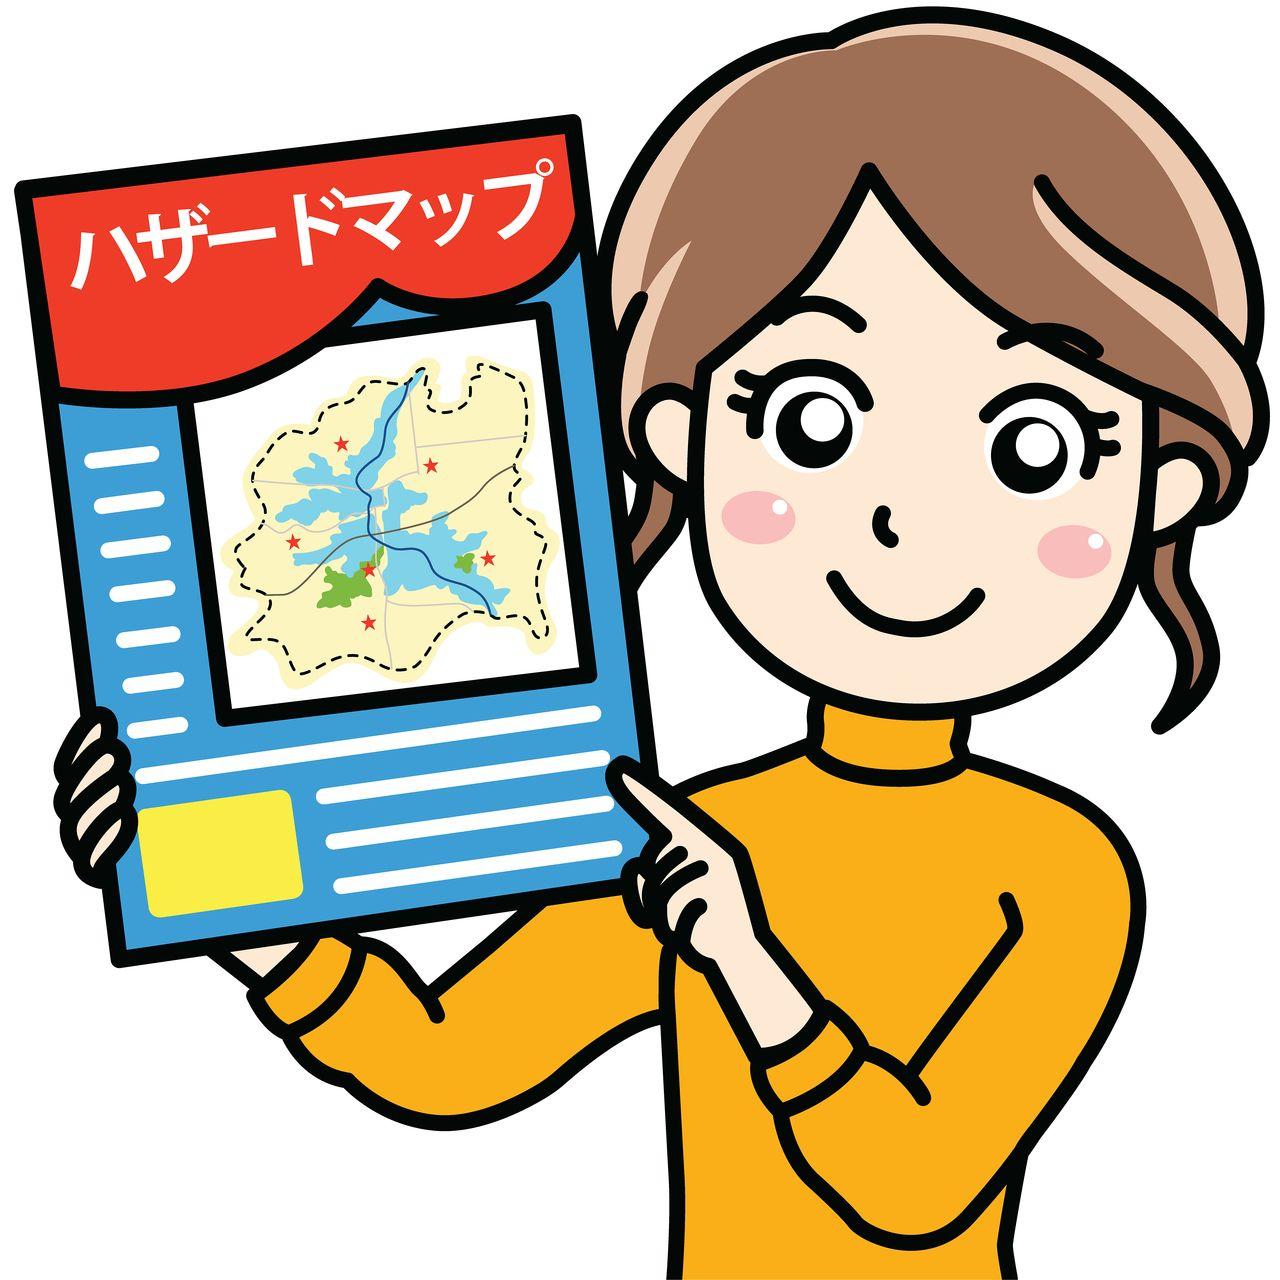 令和3年4月1日から越谷市の洪水ハザードマップが新しくなります!!